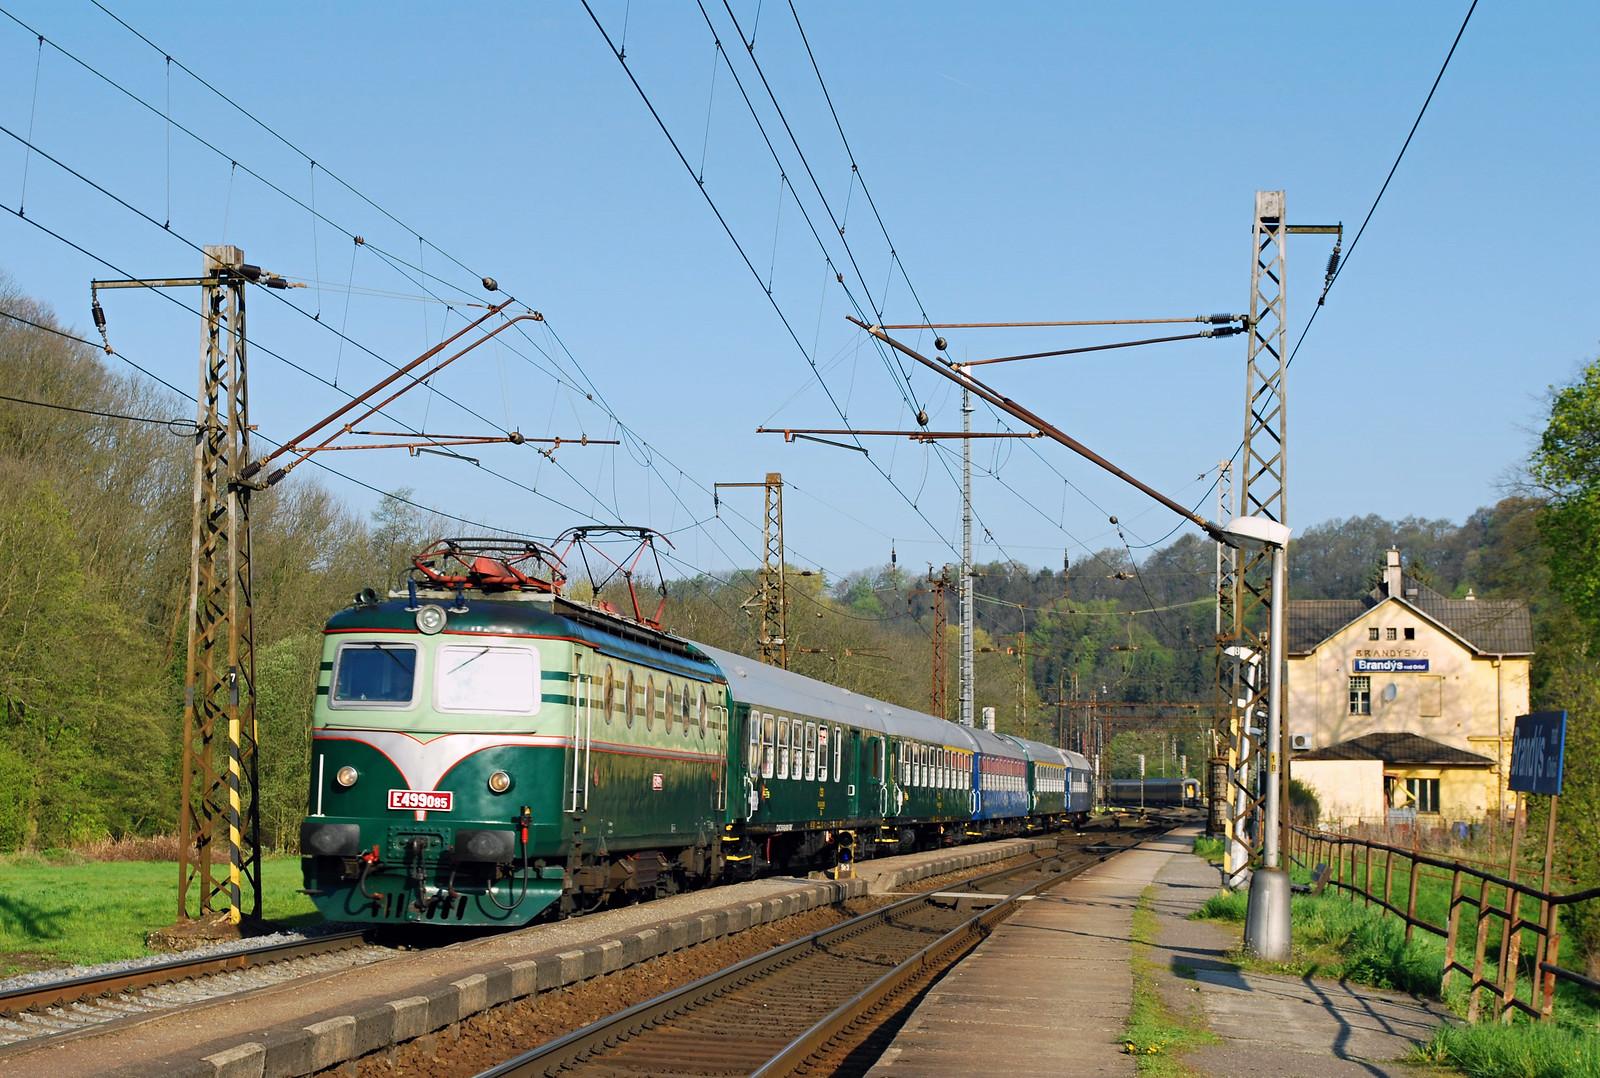 """E499.005, Brandýs nad Orlicí, mim. Ex 10005 """"Ostravan"""" (Praha Hl.n. - Ostrava střed)"""